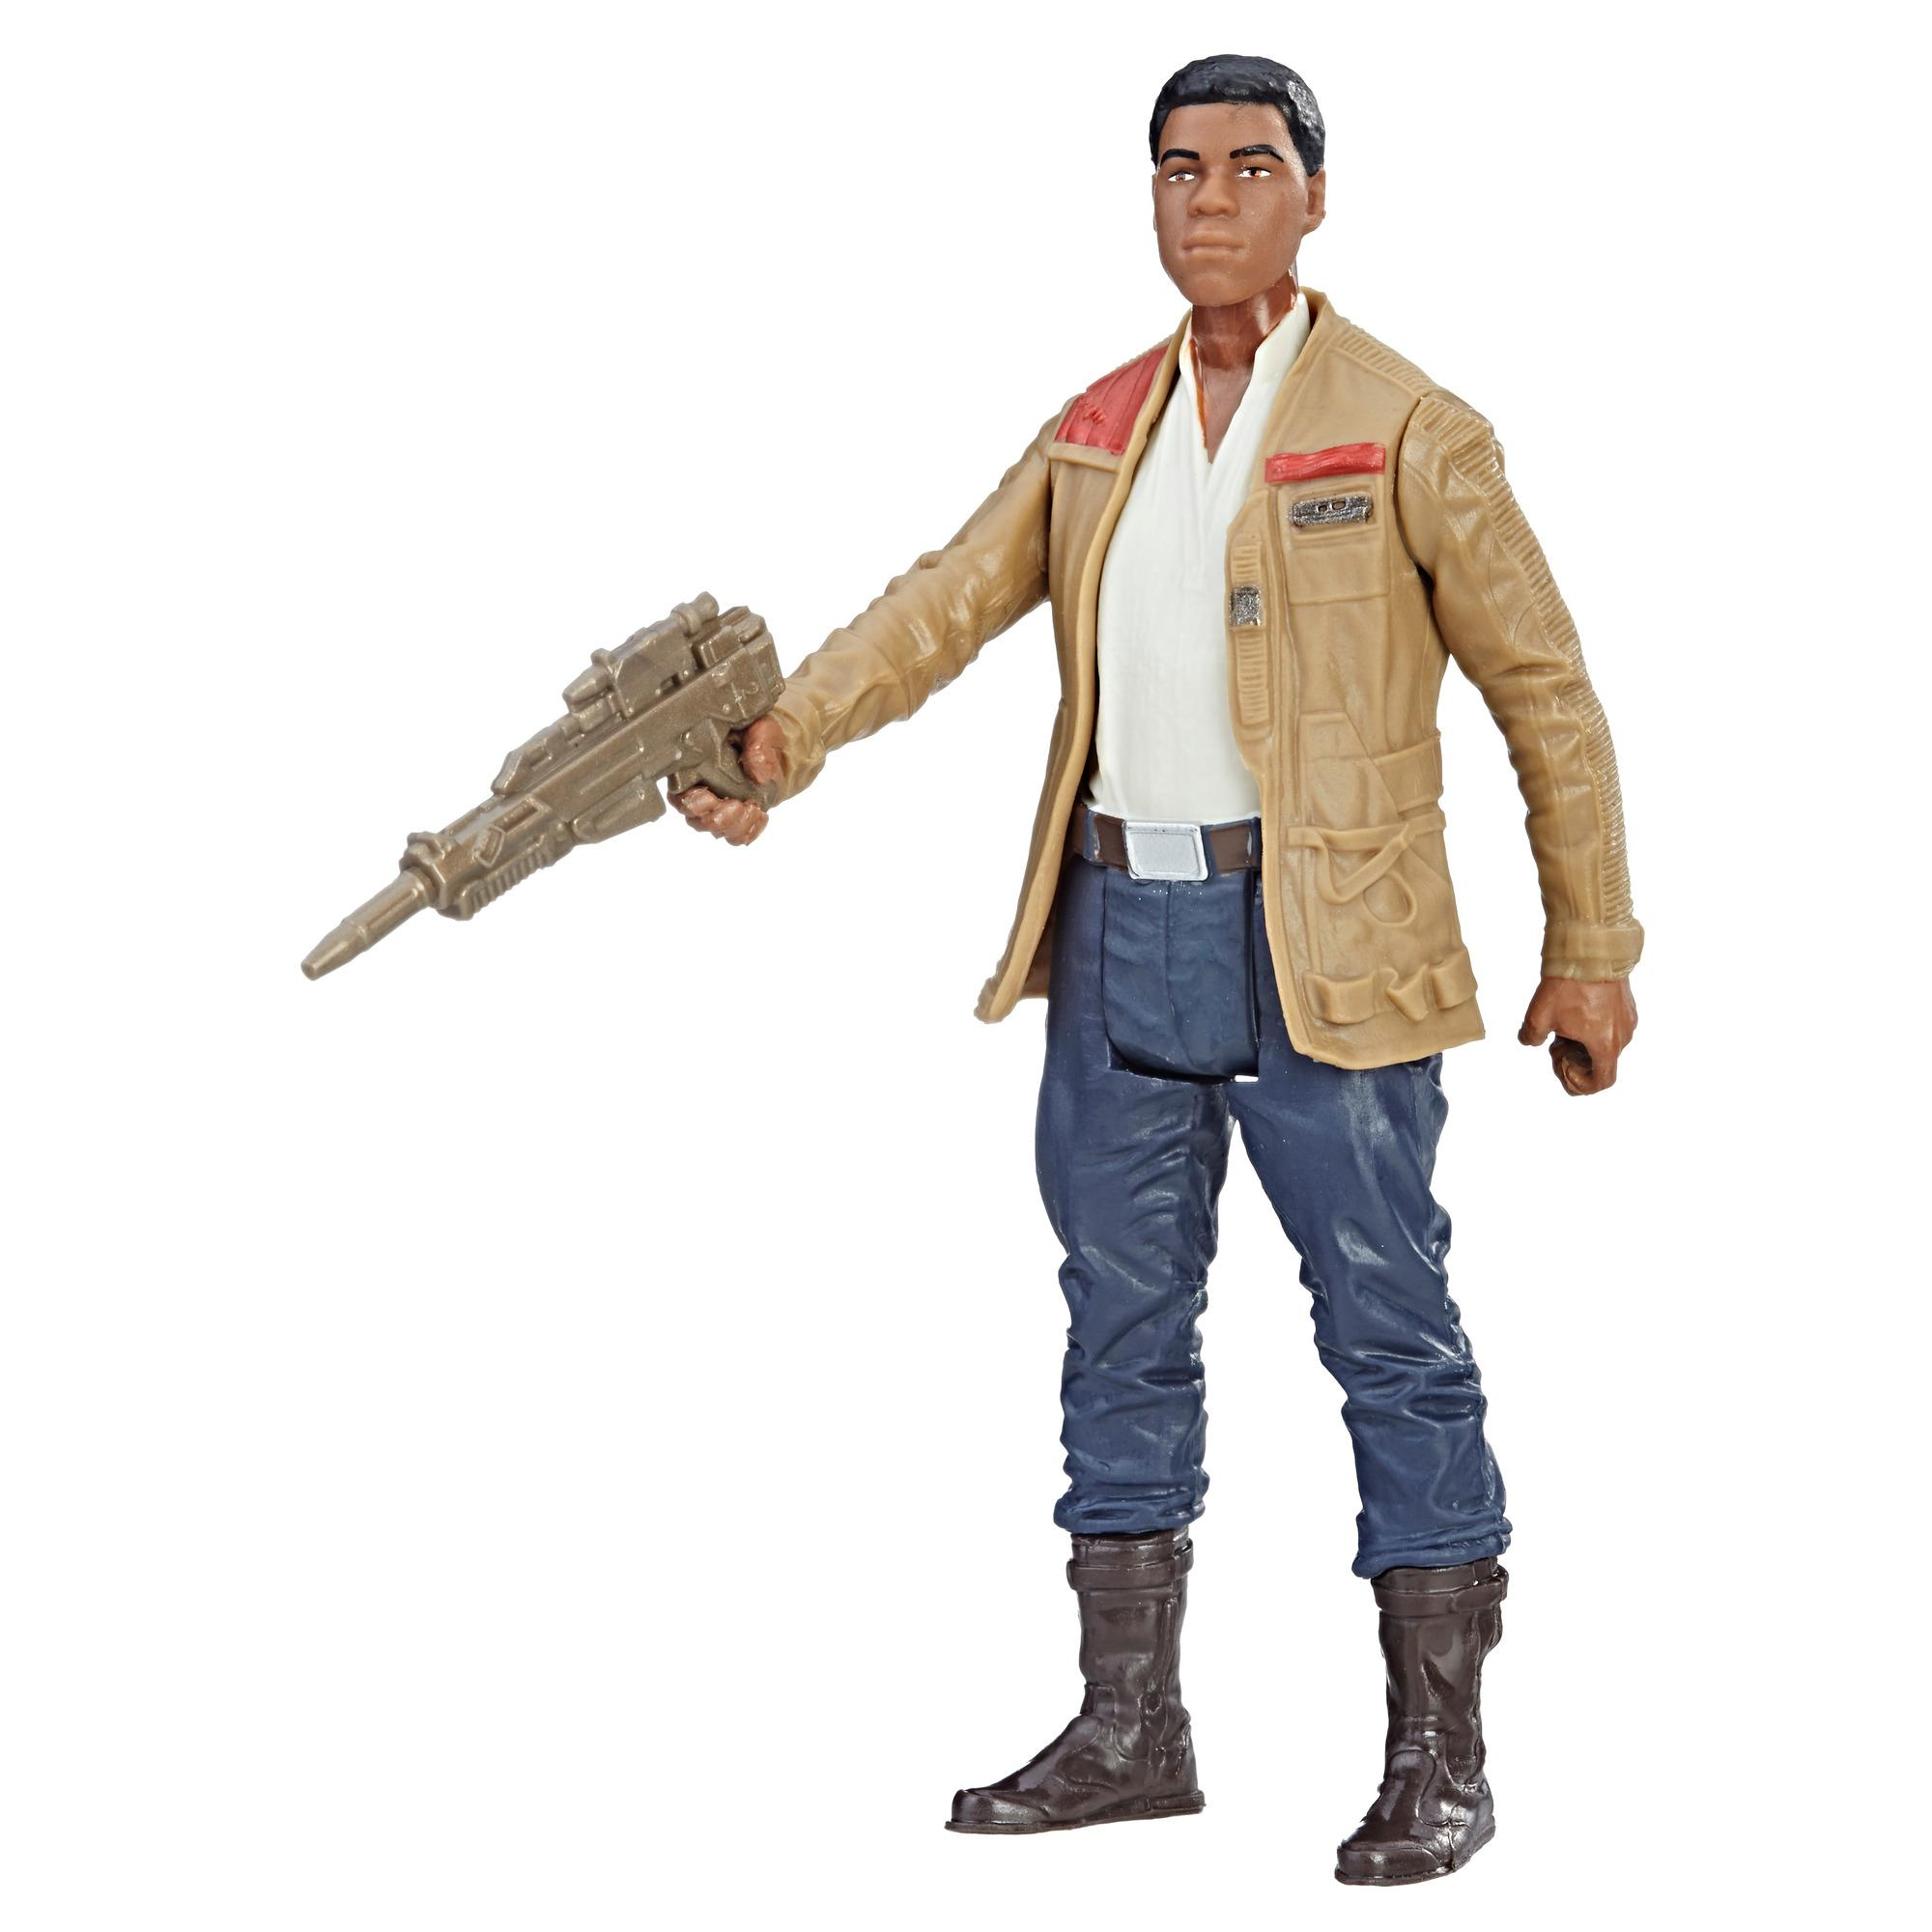 Personaggio Finn (Combattente della Resistenza) Force Link da Star Wars